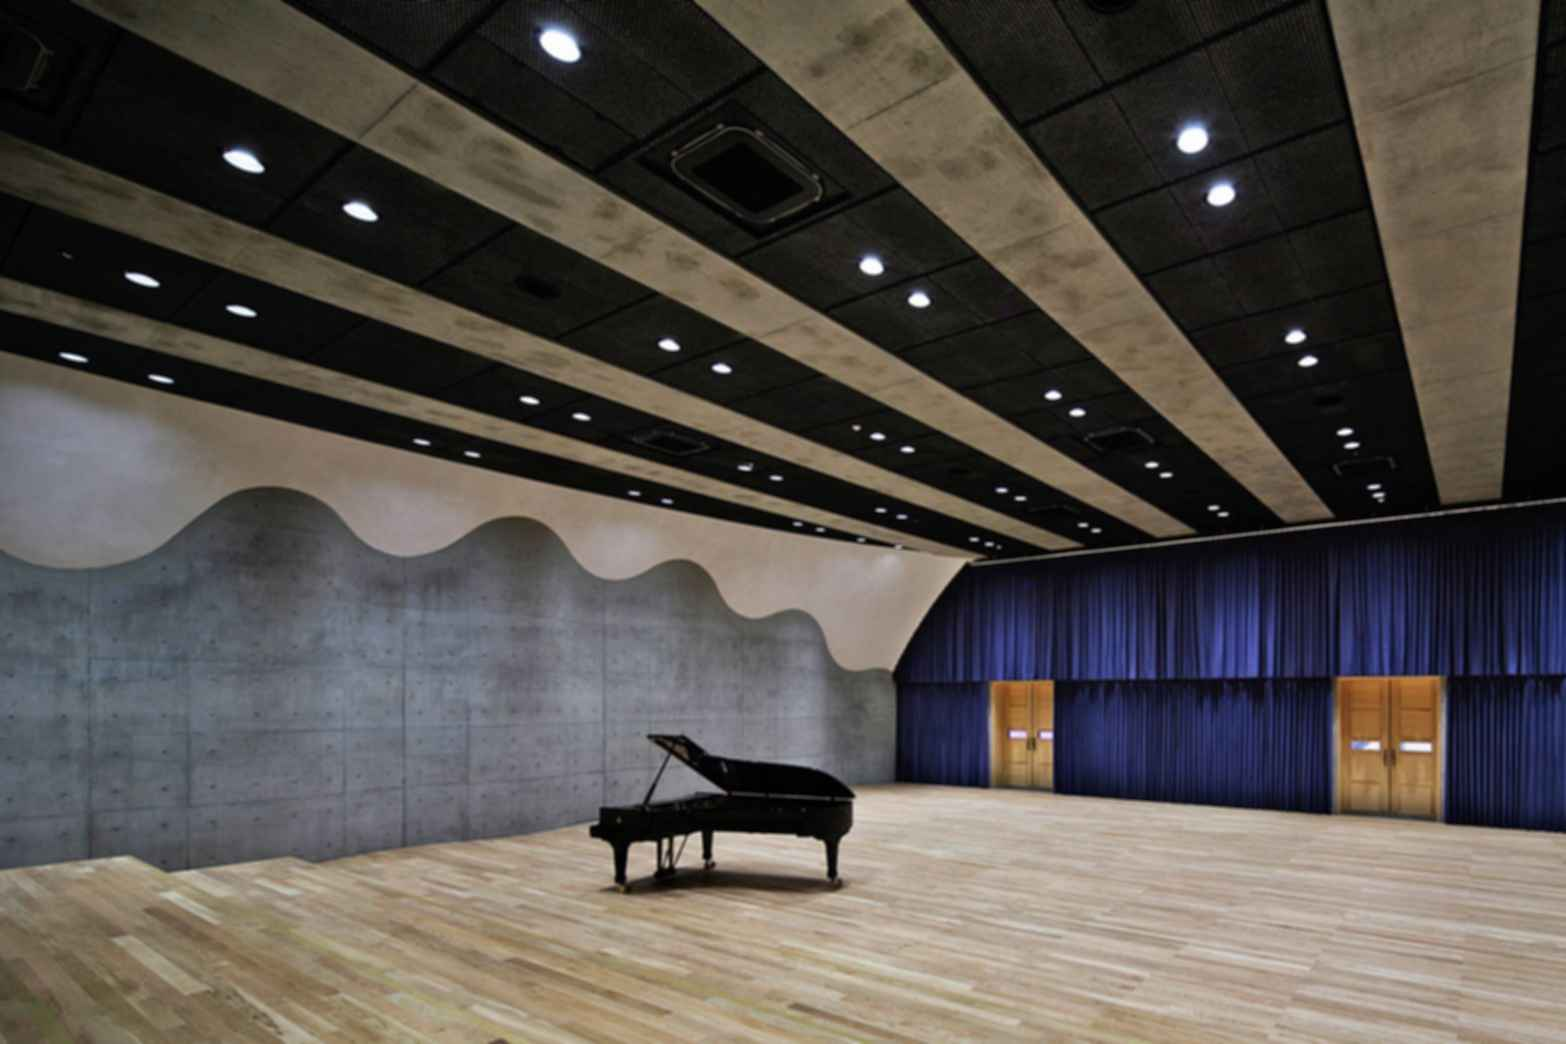 Senzoku Gakuen College of Music - Interior